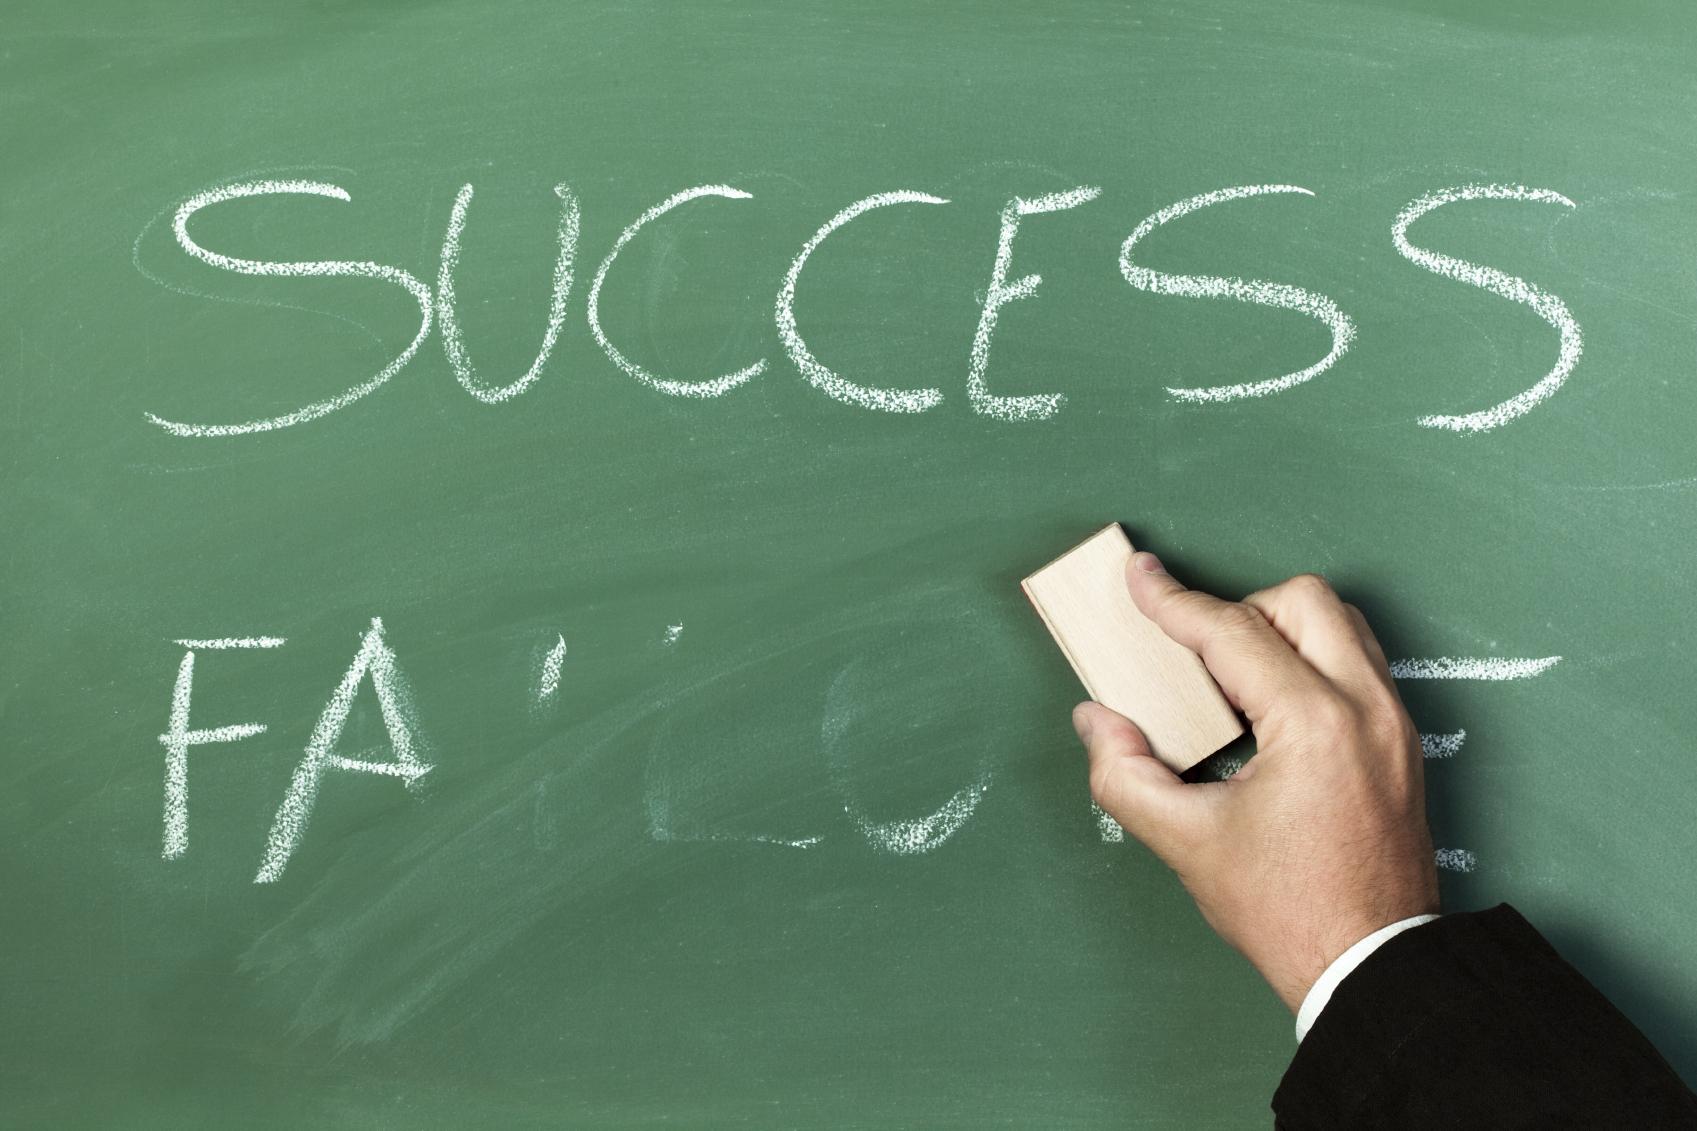 Strategic-Success-iStock_000009610569Medium